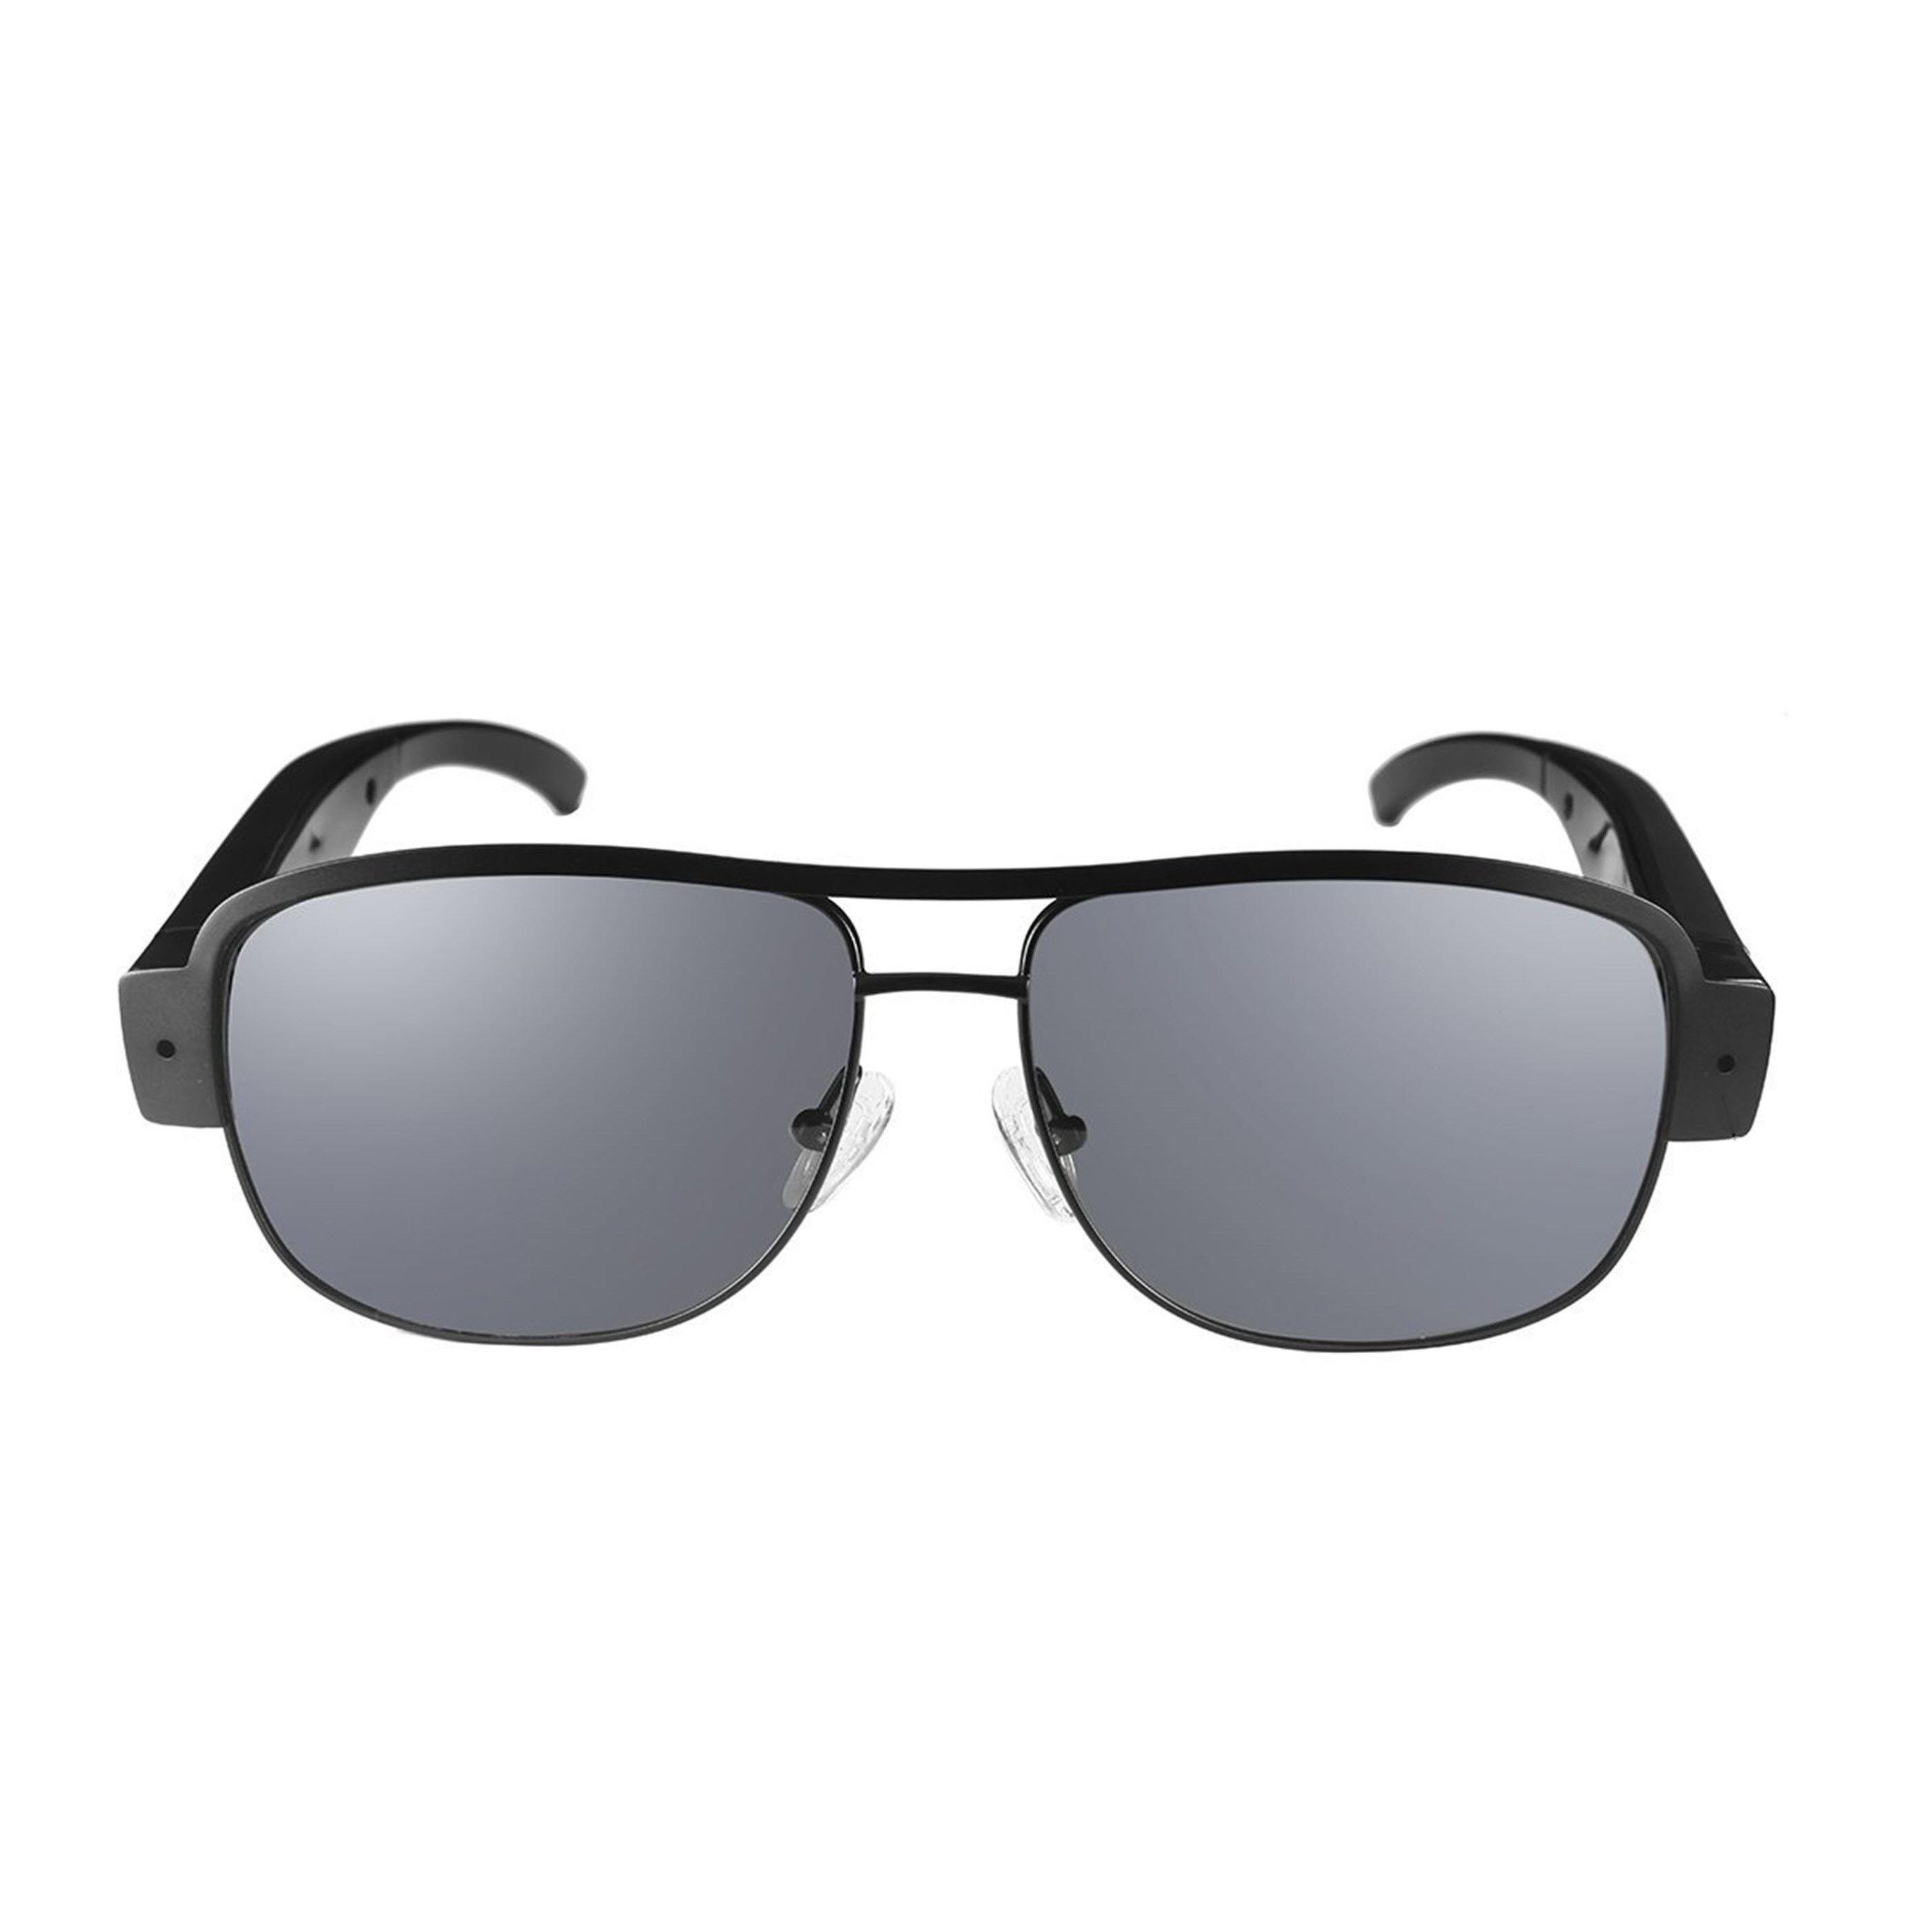 d74a642e7d HD 1280P Hidden Camera Eyewear Designer sunglasses with video recorder